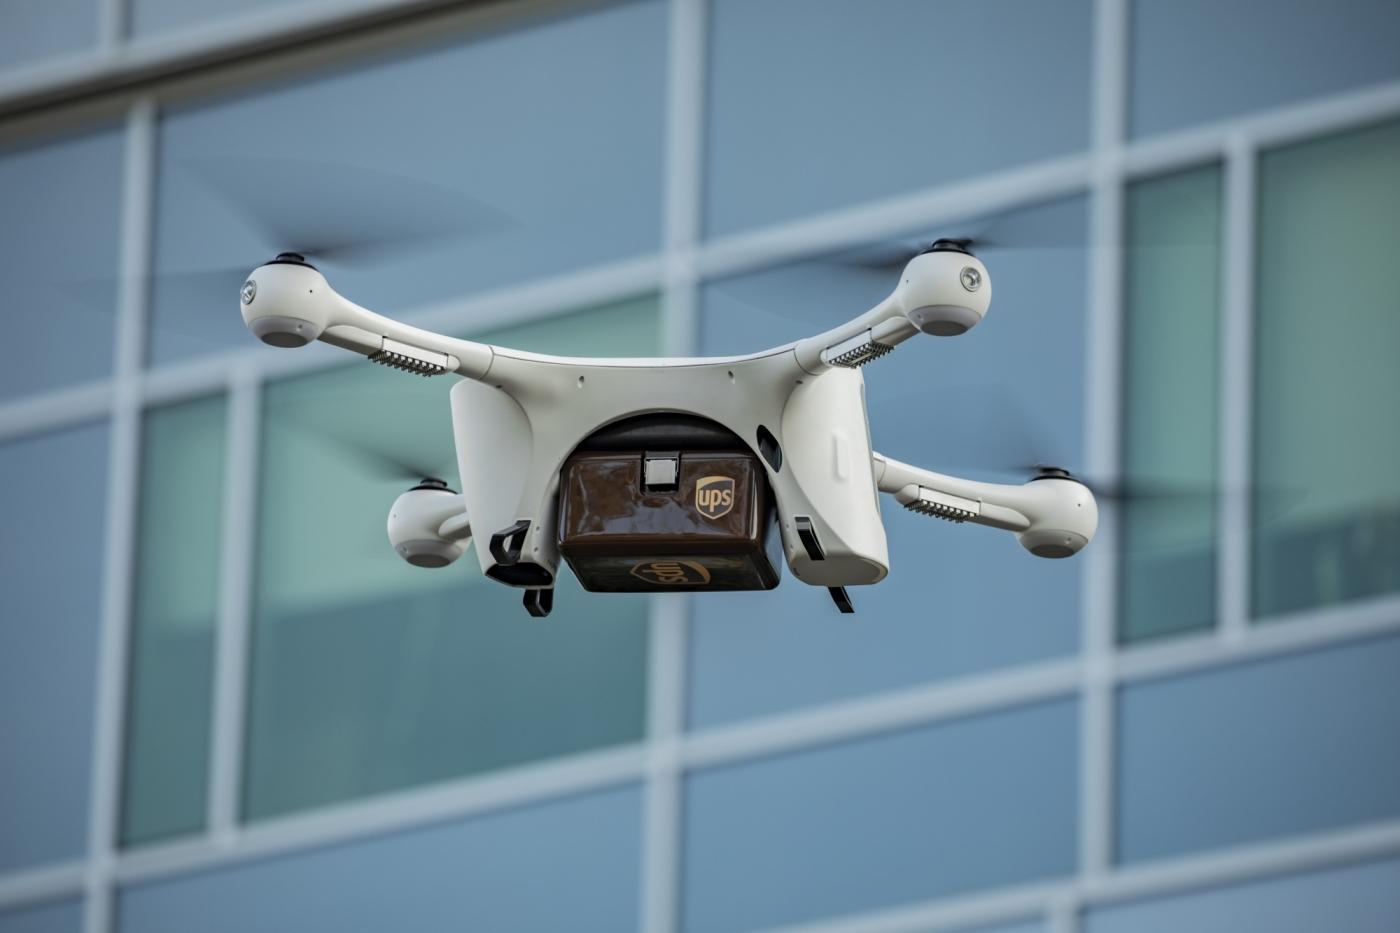 物流業打空戰!UPS成立無人機子公司,預計年底展開空中快遞